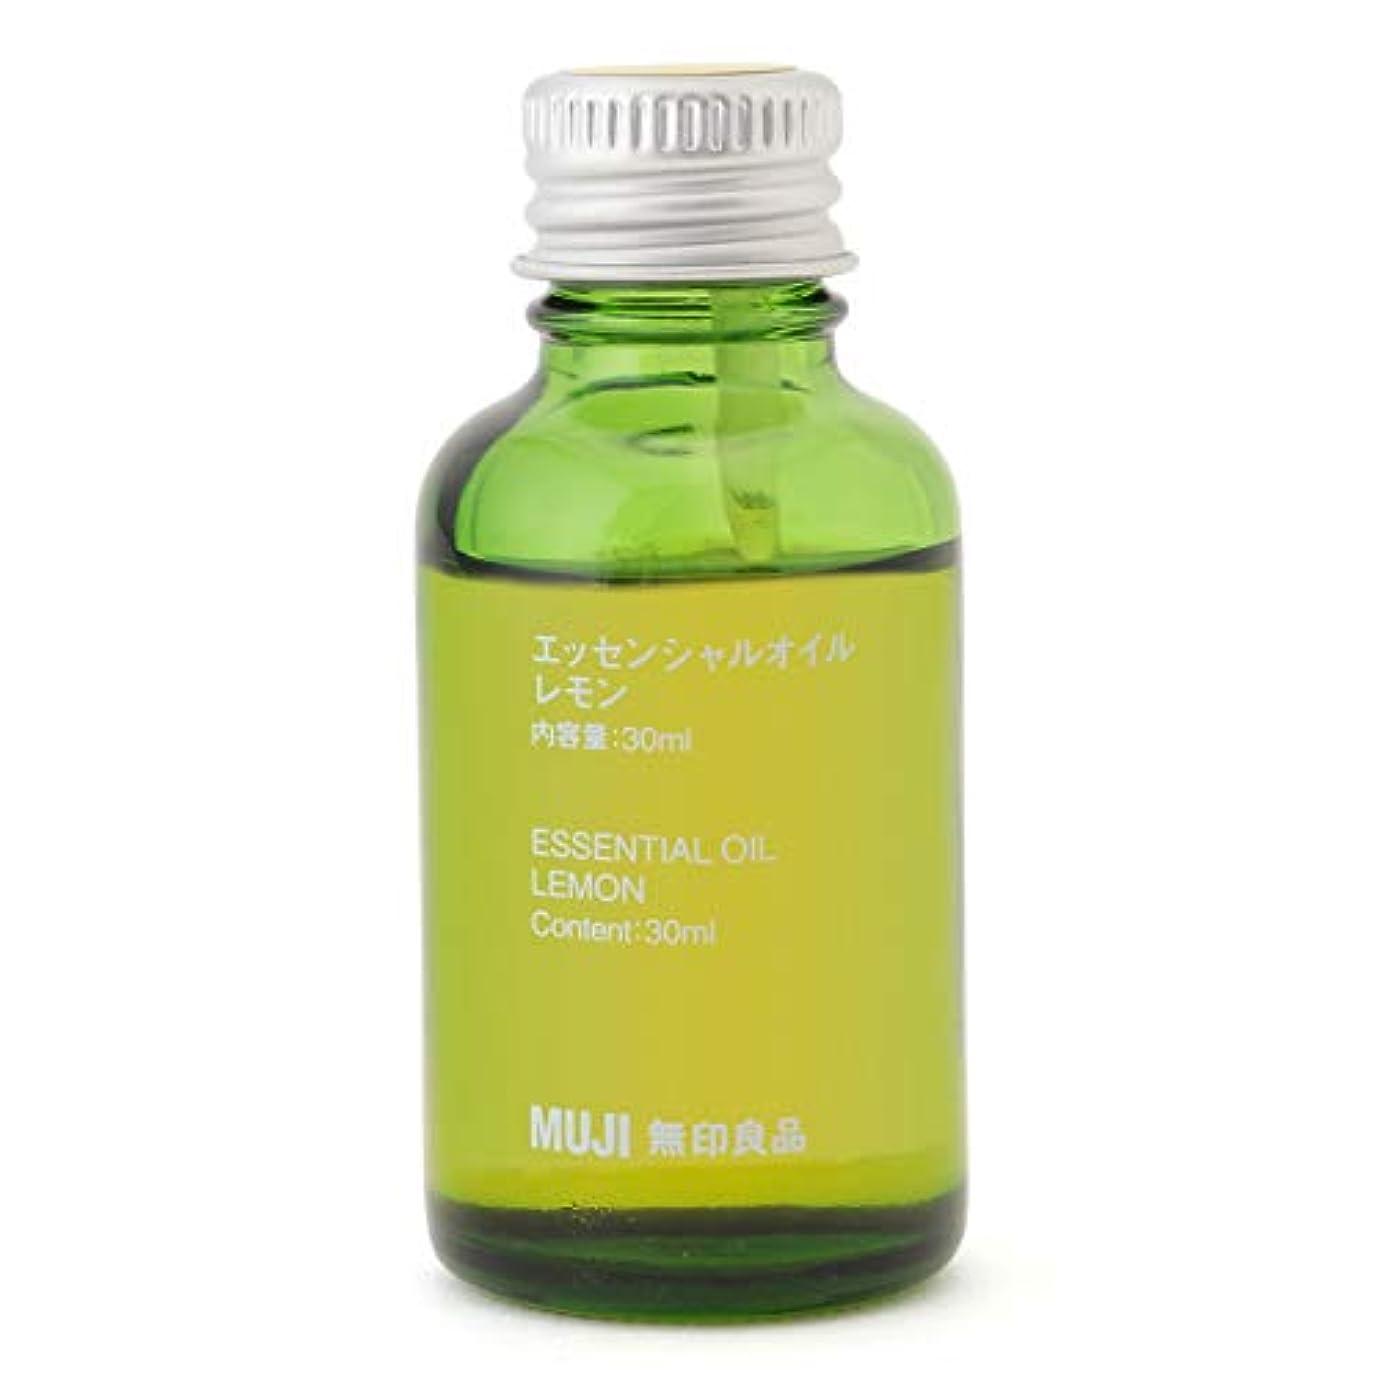 野なバーベキューオーストラリア【無印良品】エッセンシャルオイル30ml(レモン)